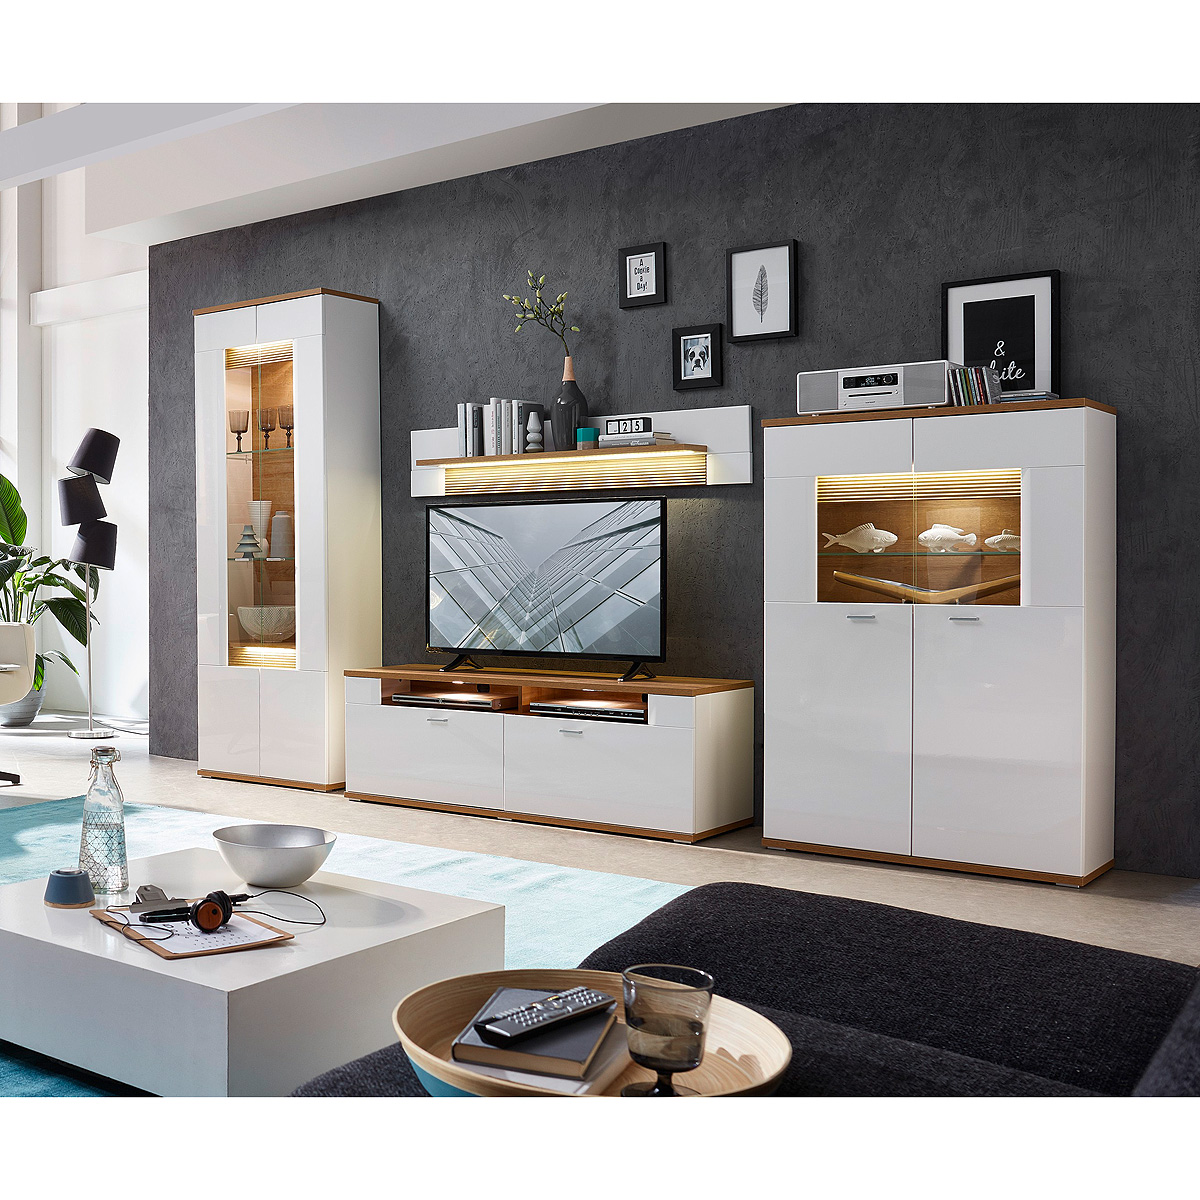 Wohnwand 1 madisons anbauwand wohnzimmer weiß hochglanz matt eiche ...